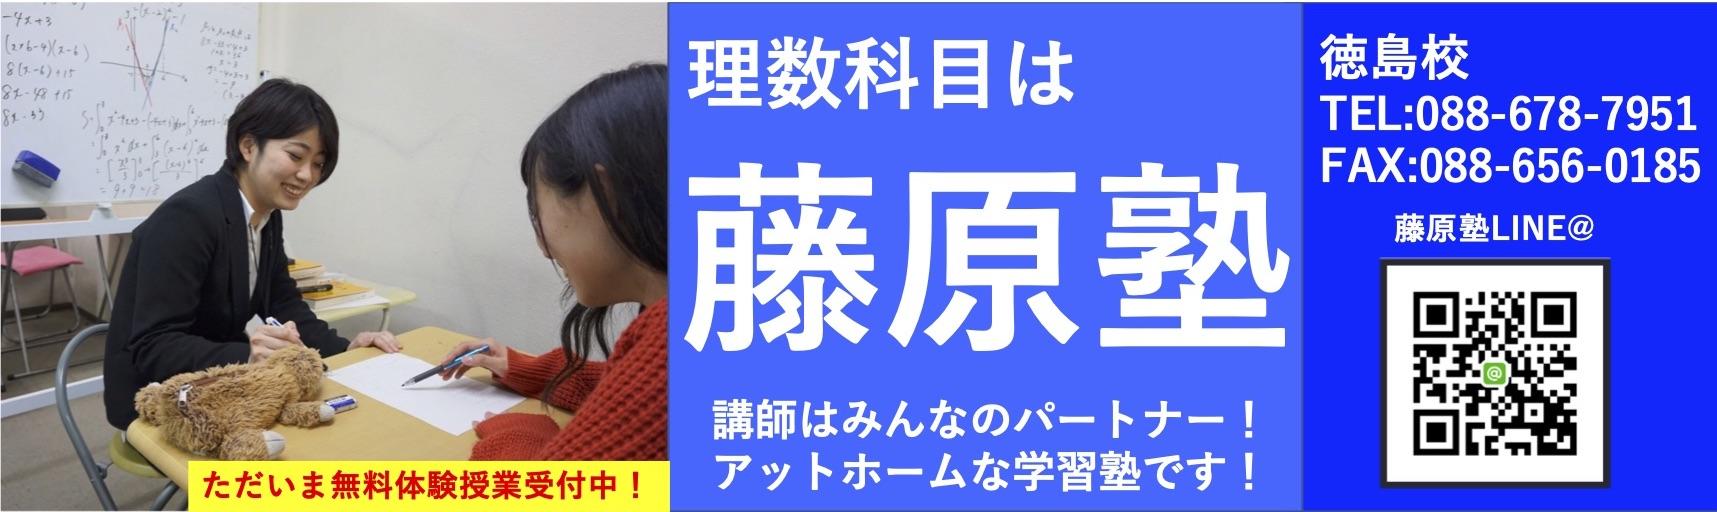 徳島で理科・数学・英語のことなら藤原塾!小学生・中学生・高校生まで対応!1対1の個別指導も行なっております。(理科:物理・化学・生物)自習室完備